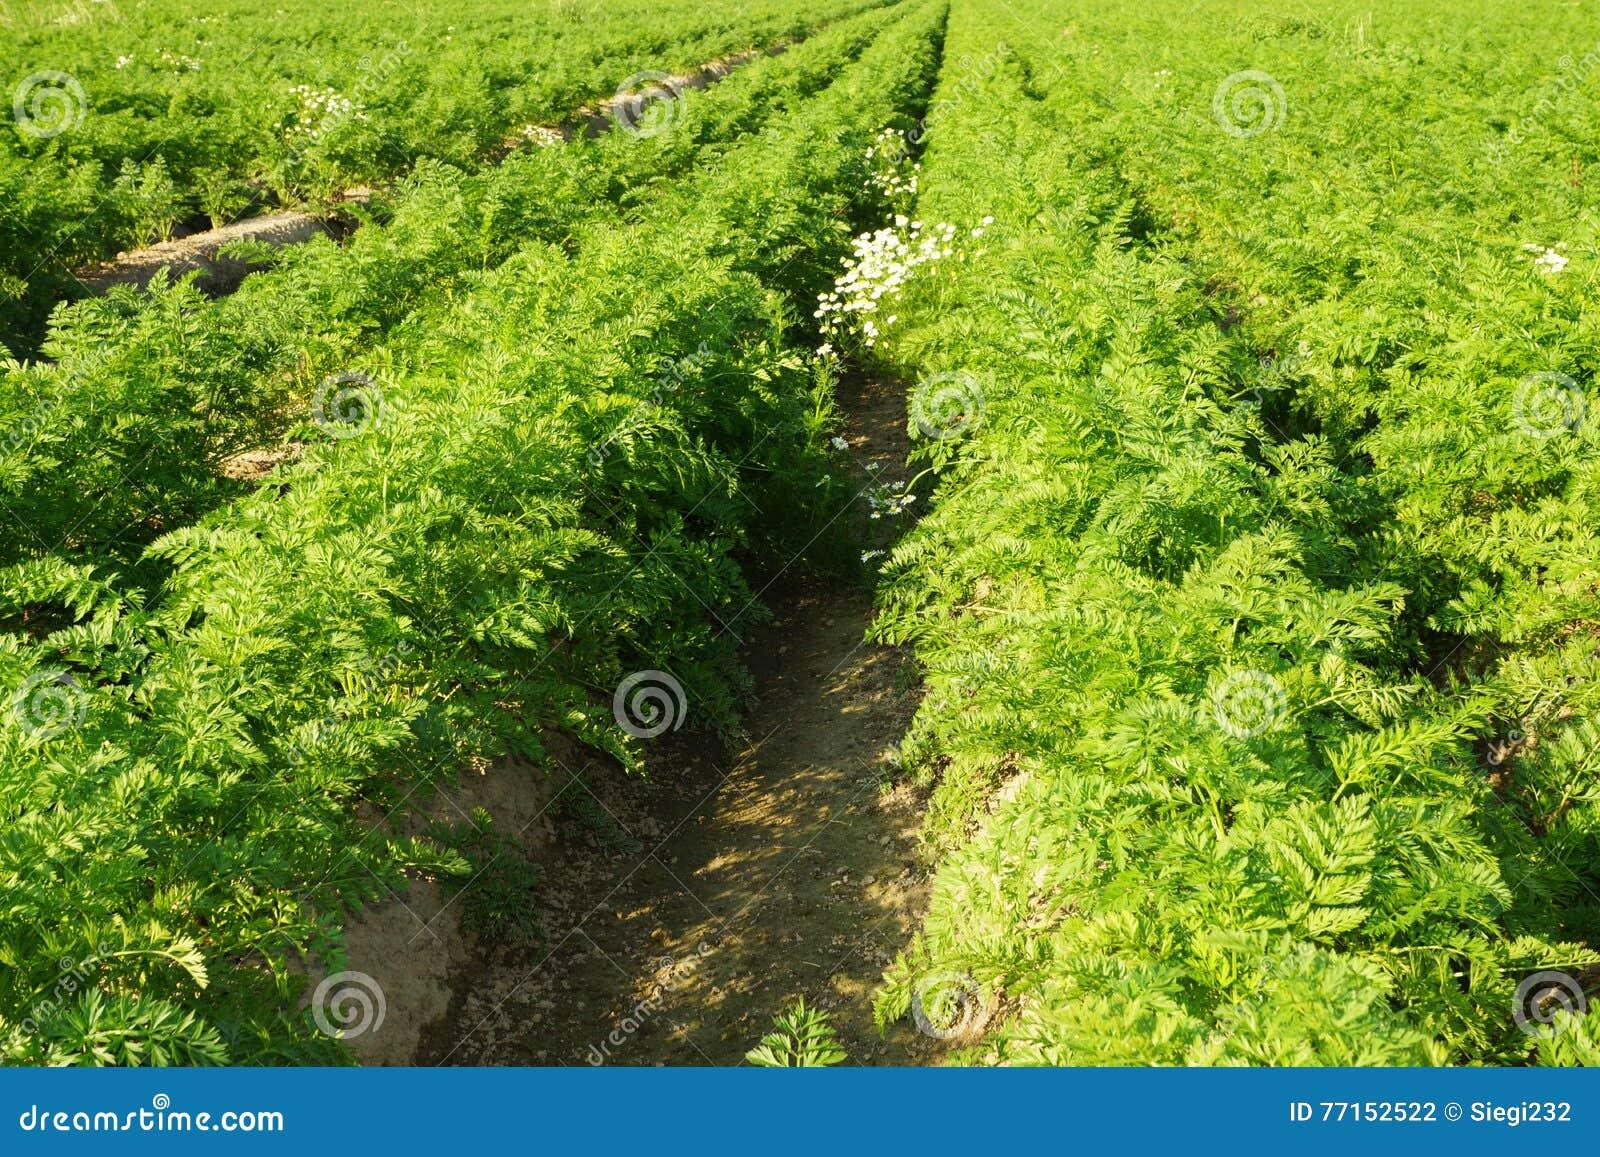 Champ végétal avec des carottes